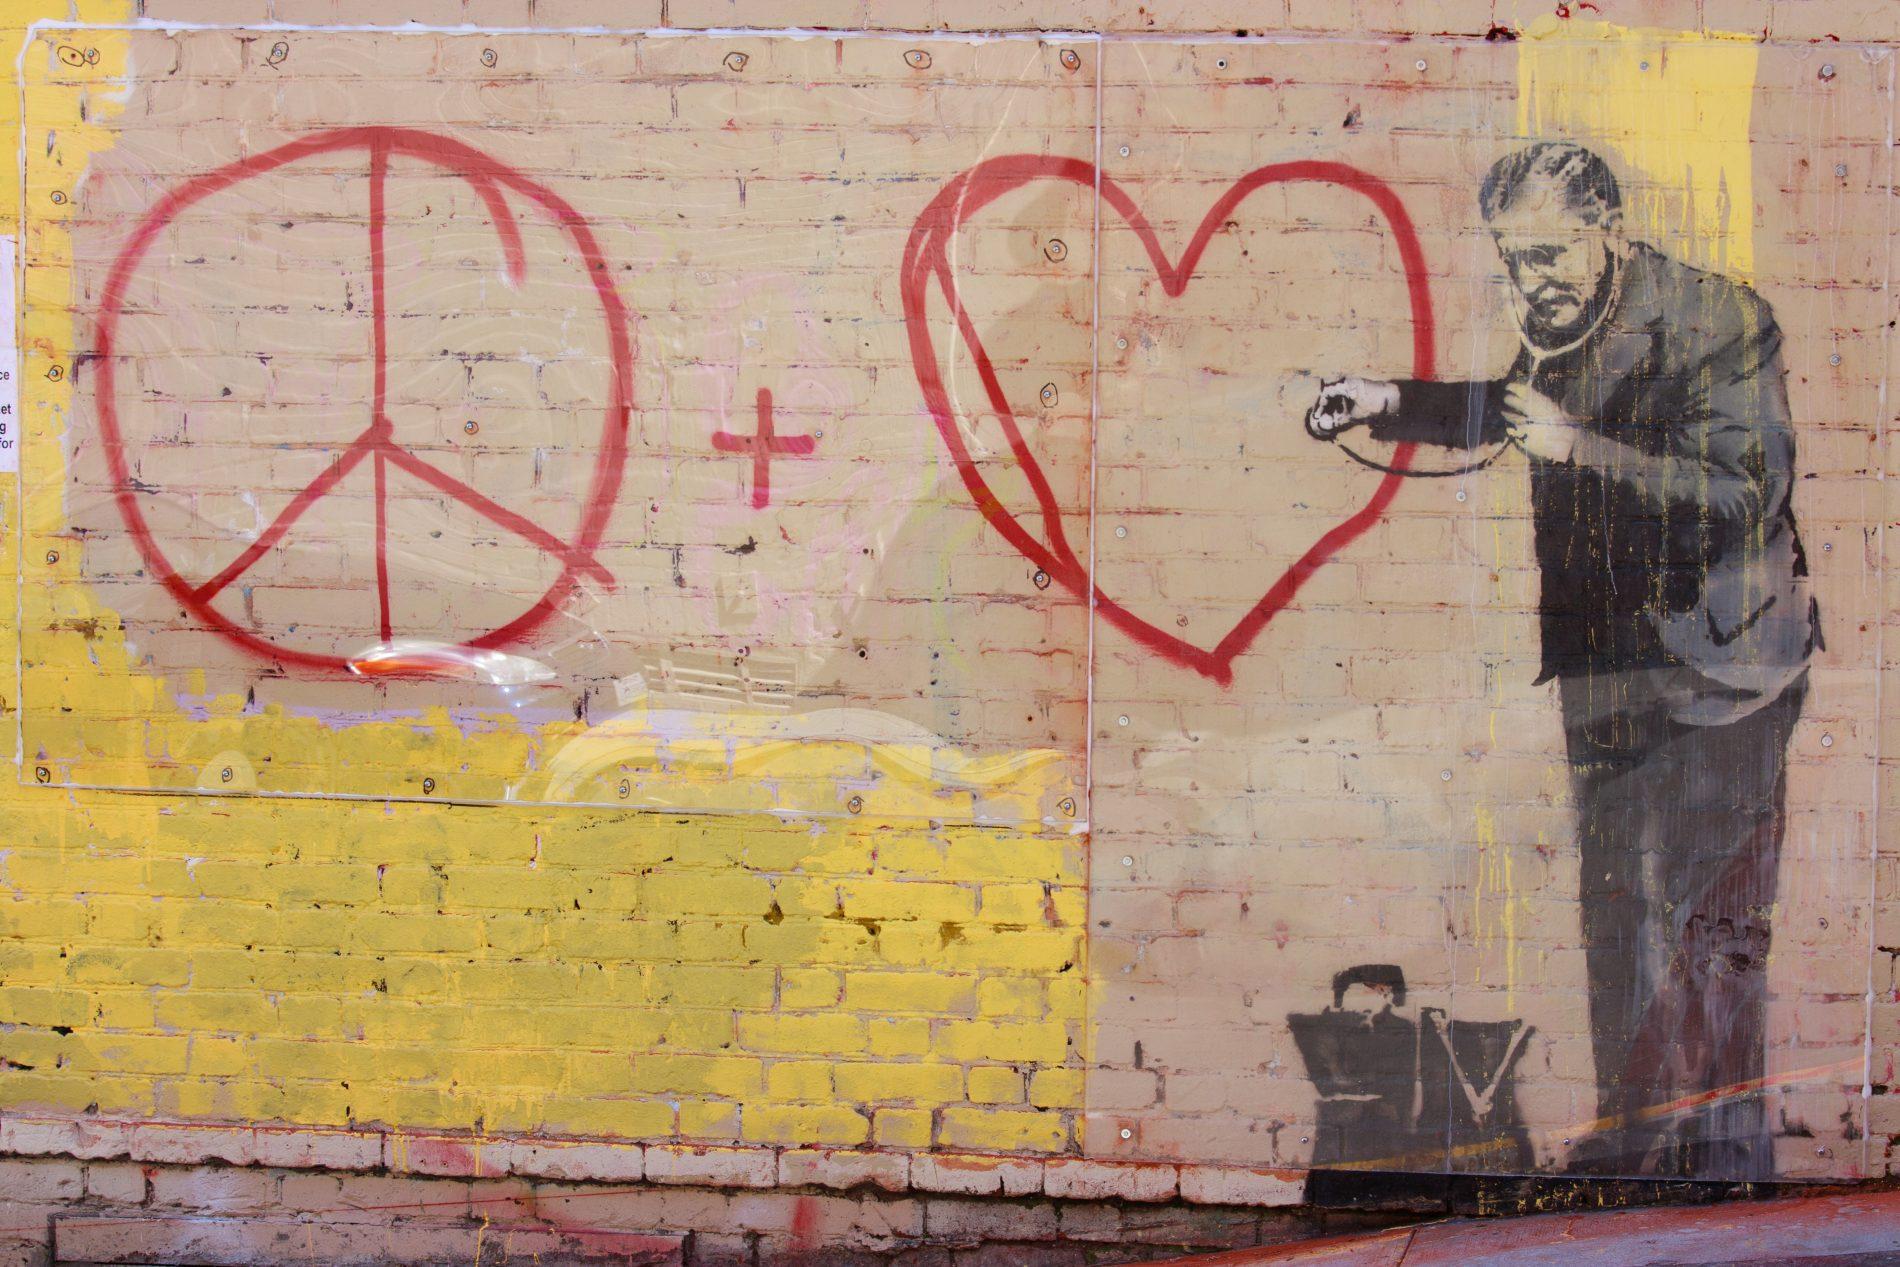 Muuschildering van arts met hart